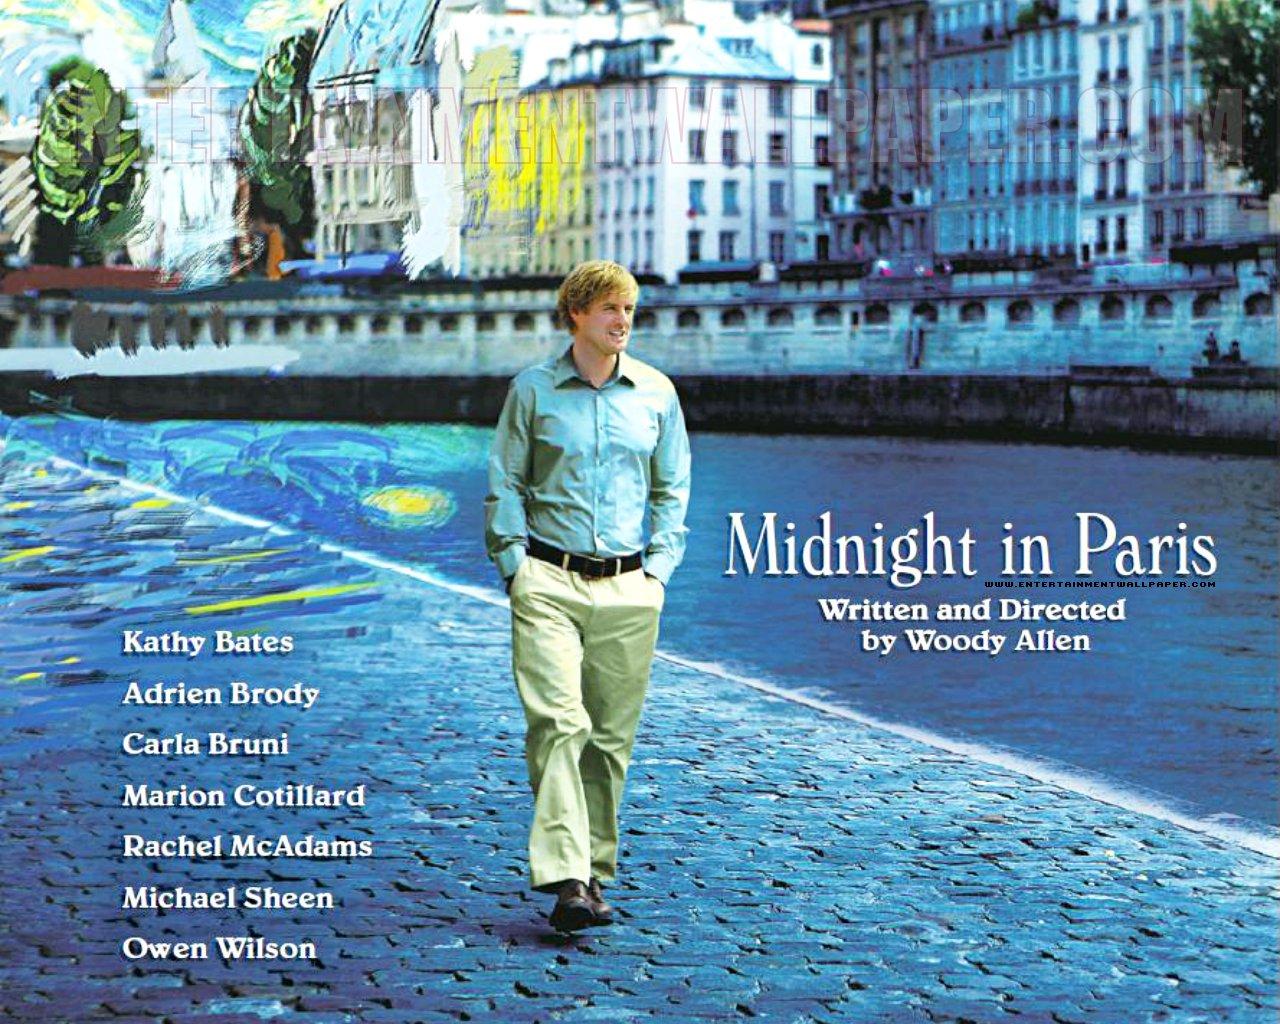 Resultado de imagen de woody allen midnight in paris